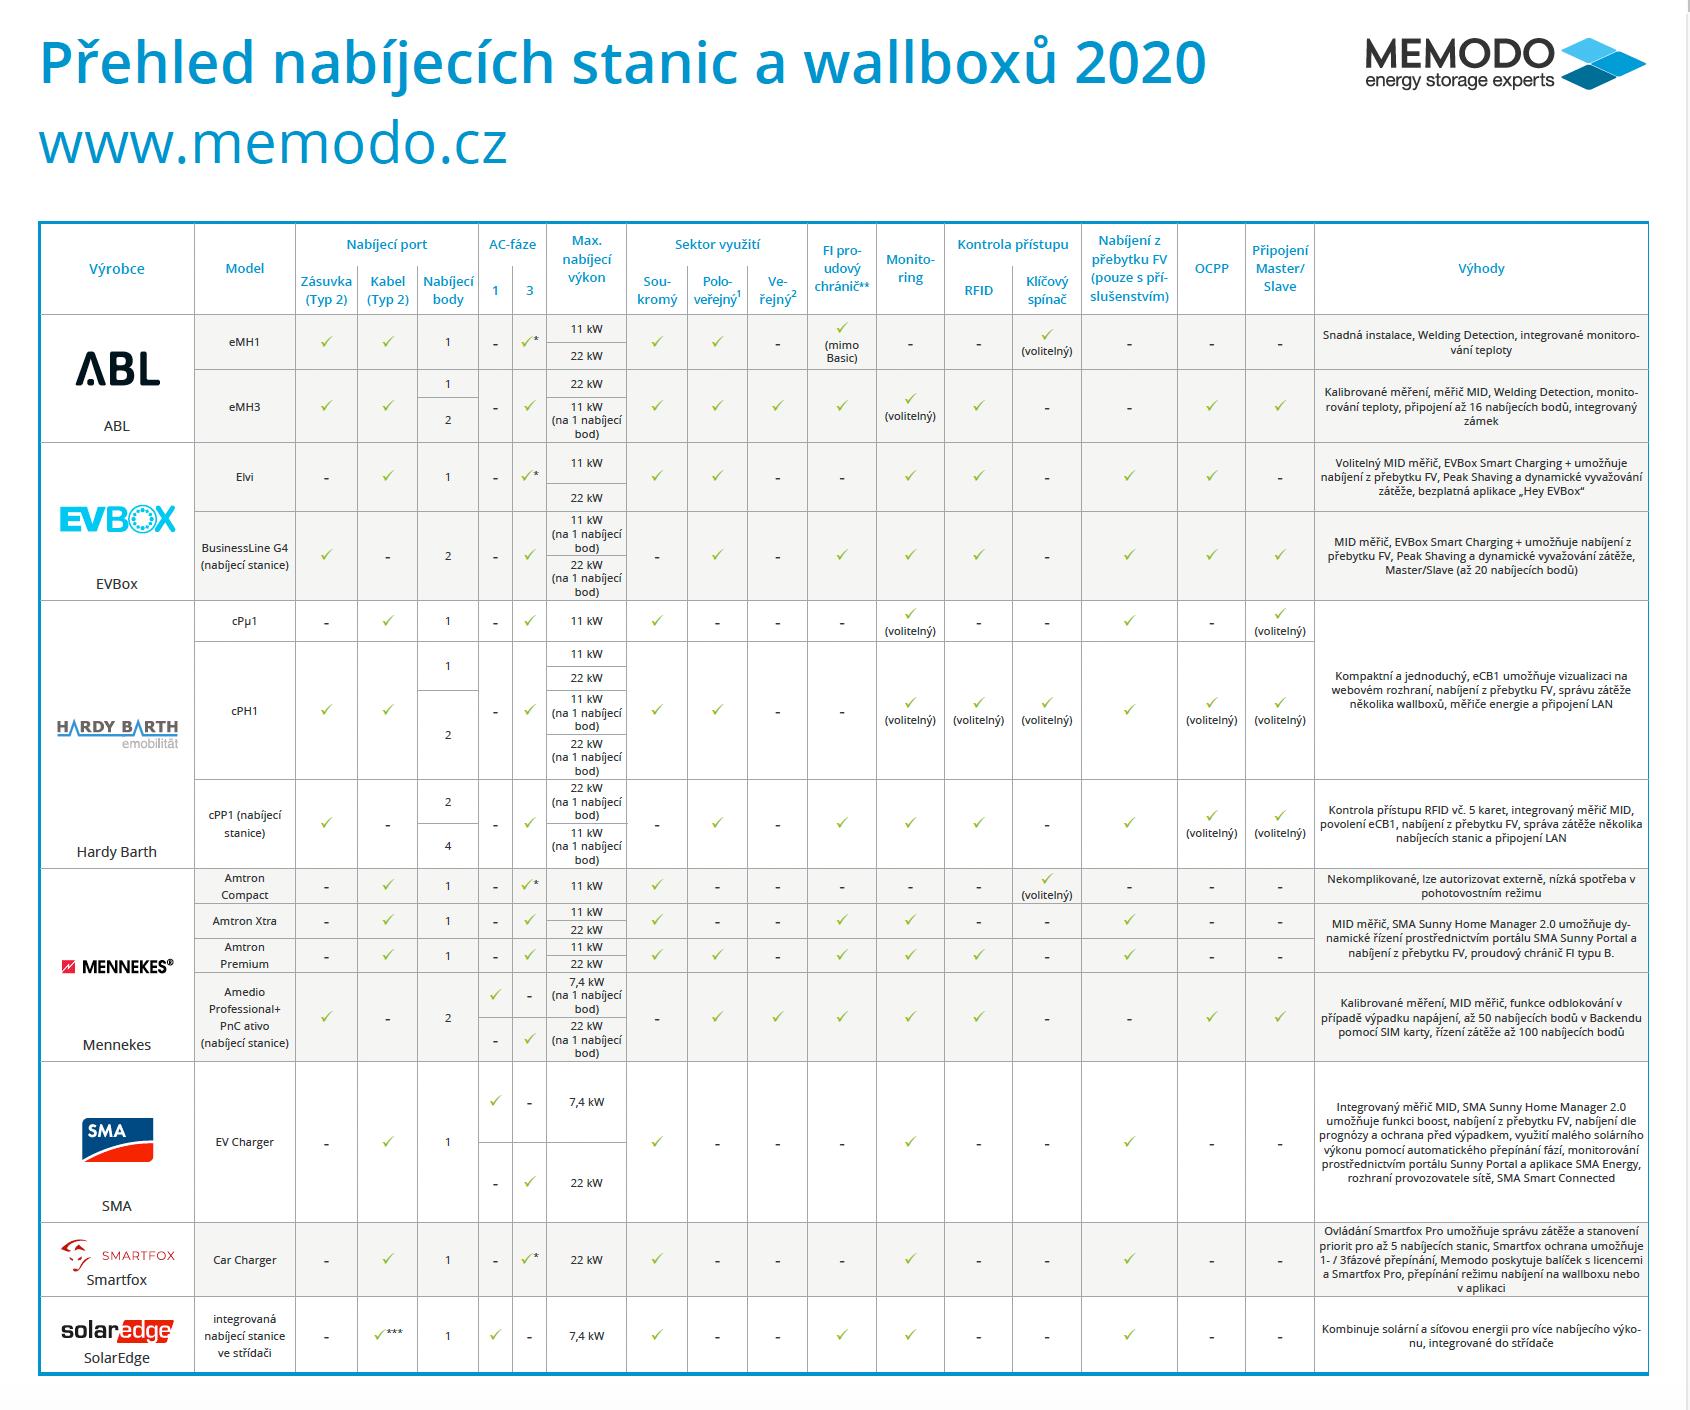 prehled-wallboxu-a-nabijecich-stanic-2020